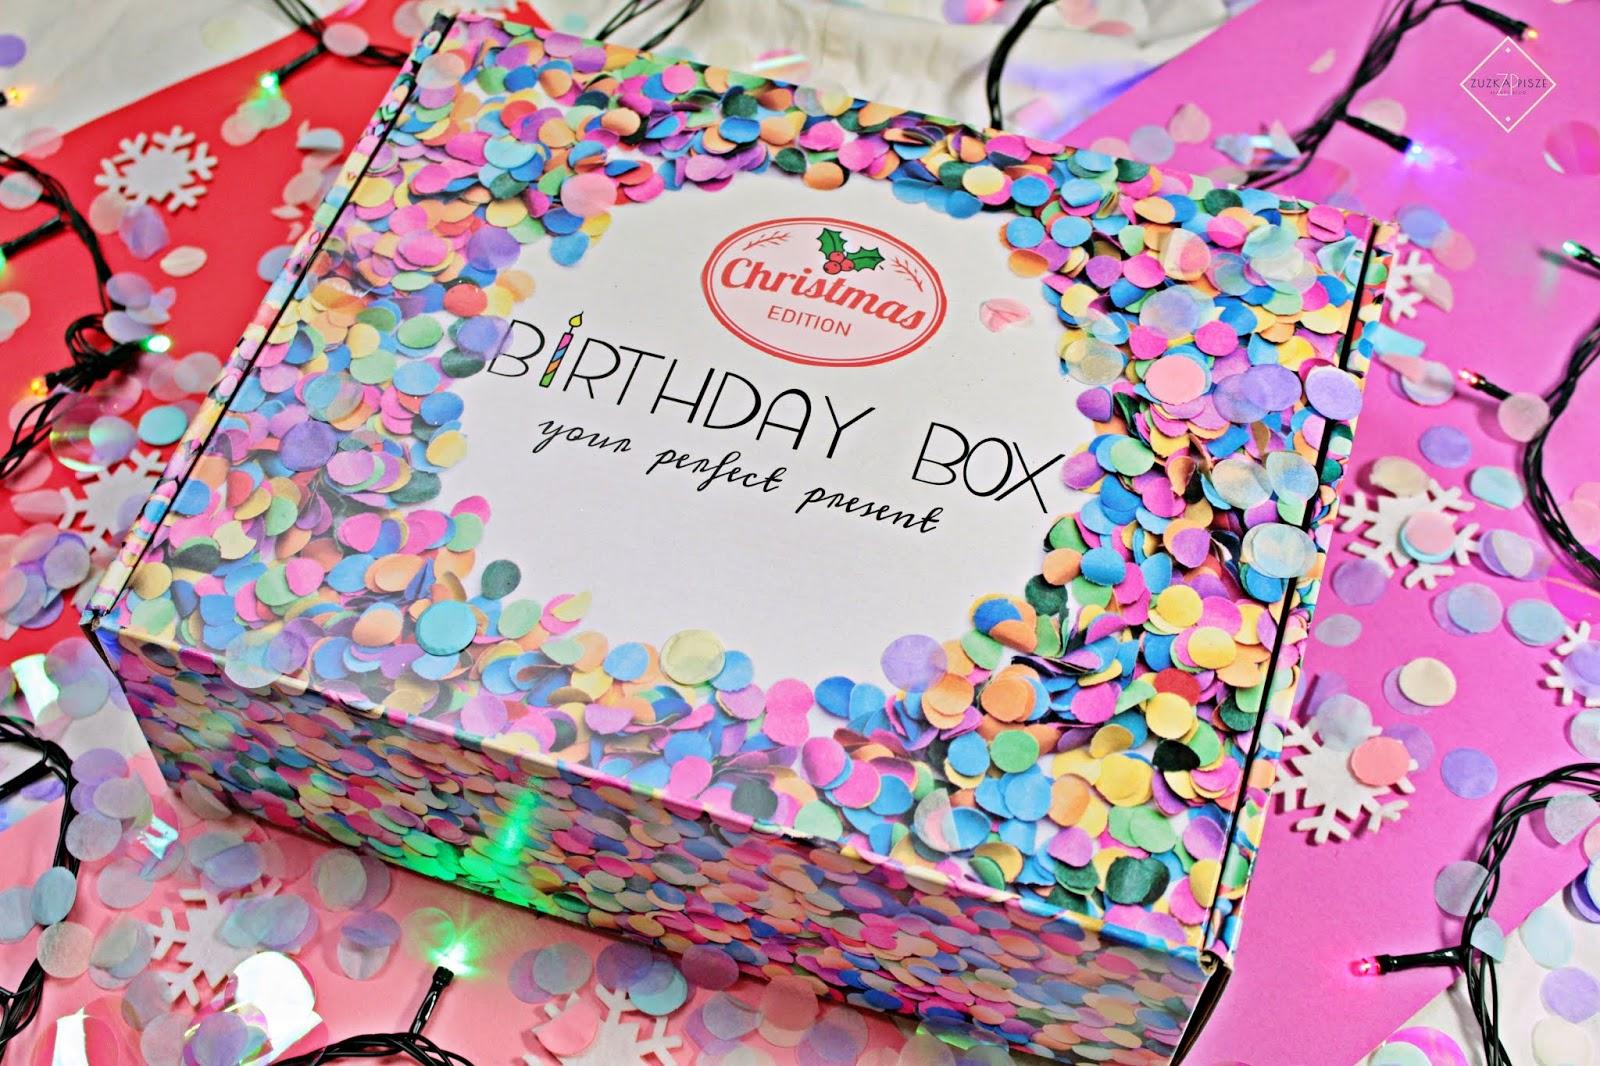 Openbox Świątecznego Box'a Christmas Edition od BirthdayBox